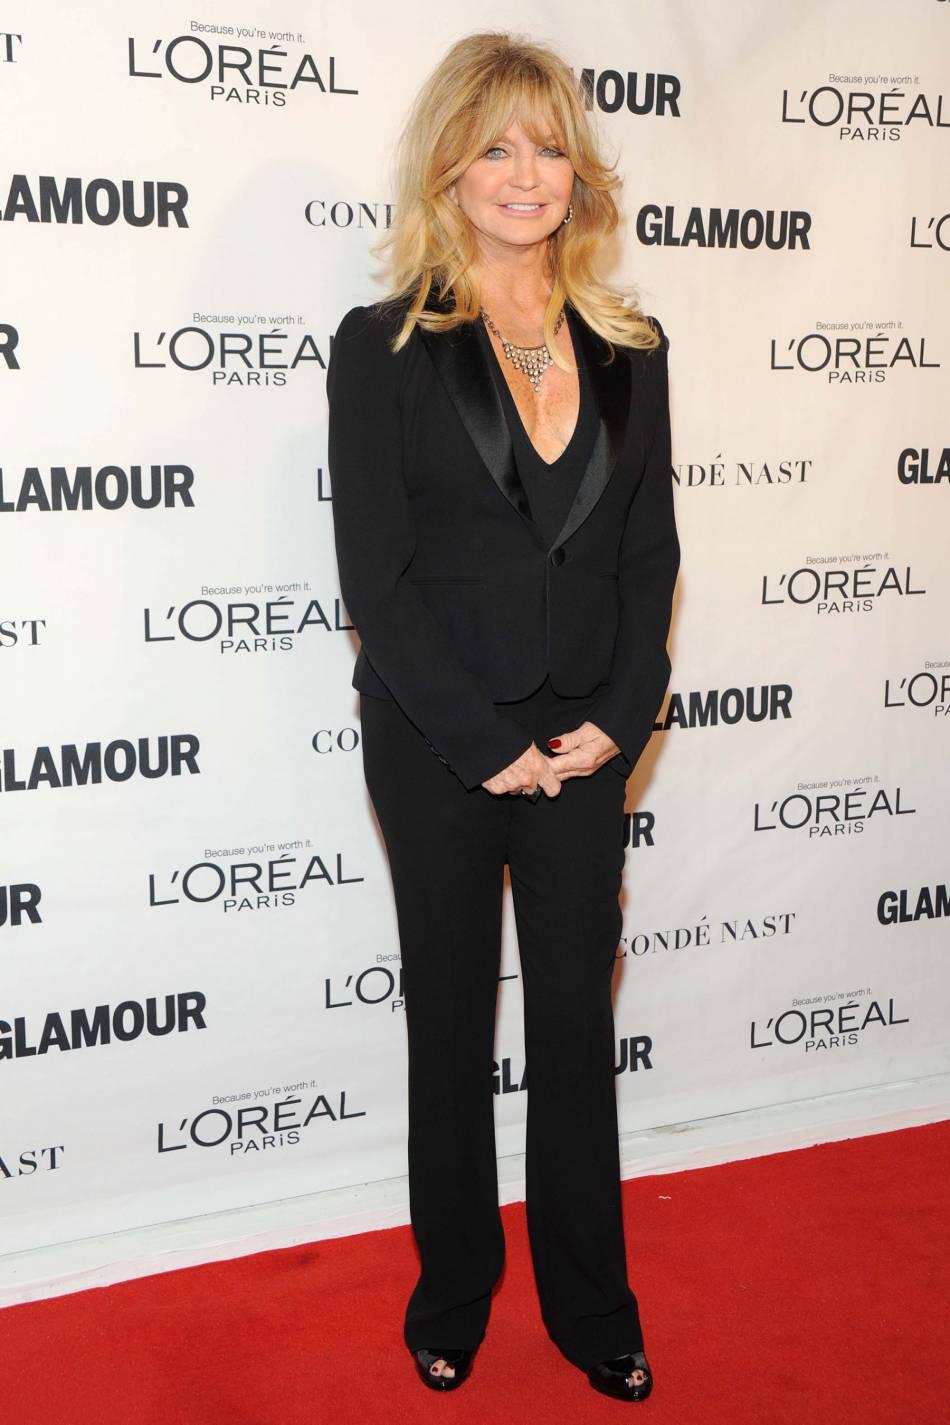 Goldie Hawn aux Glamour Awards le 9 novembre 2015 à New York.